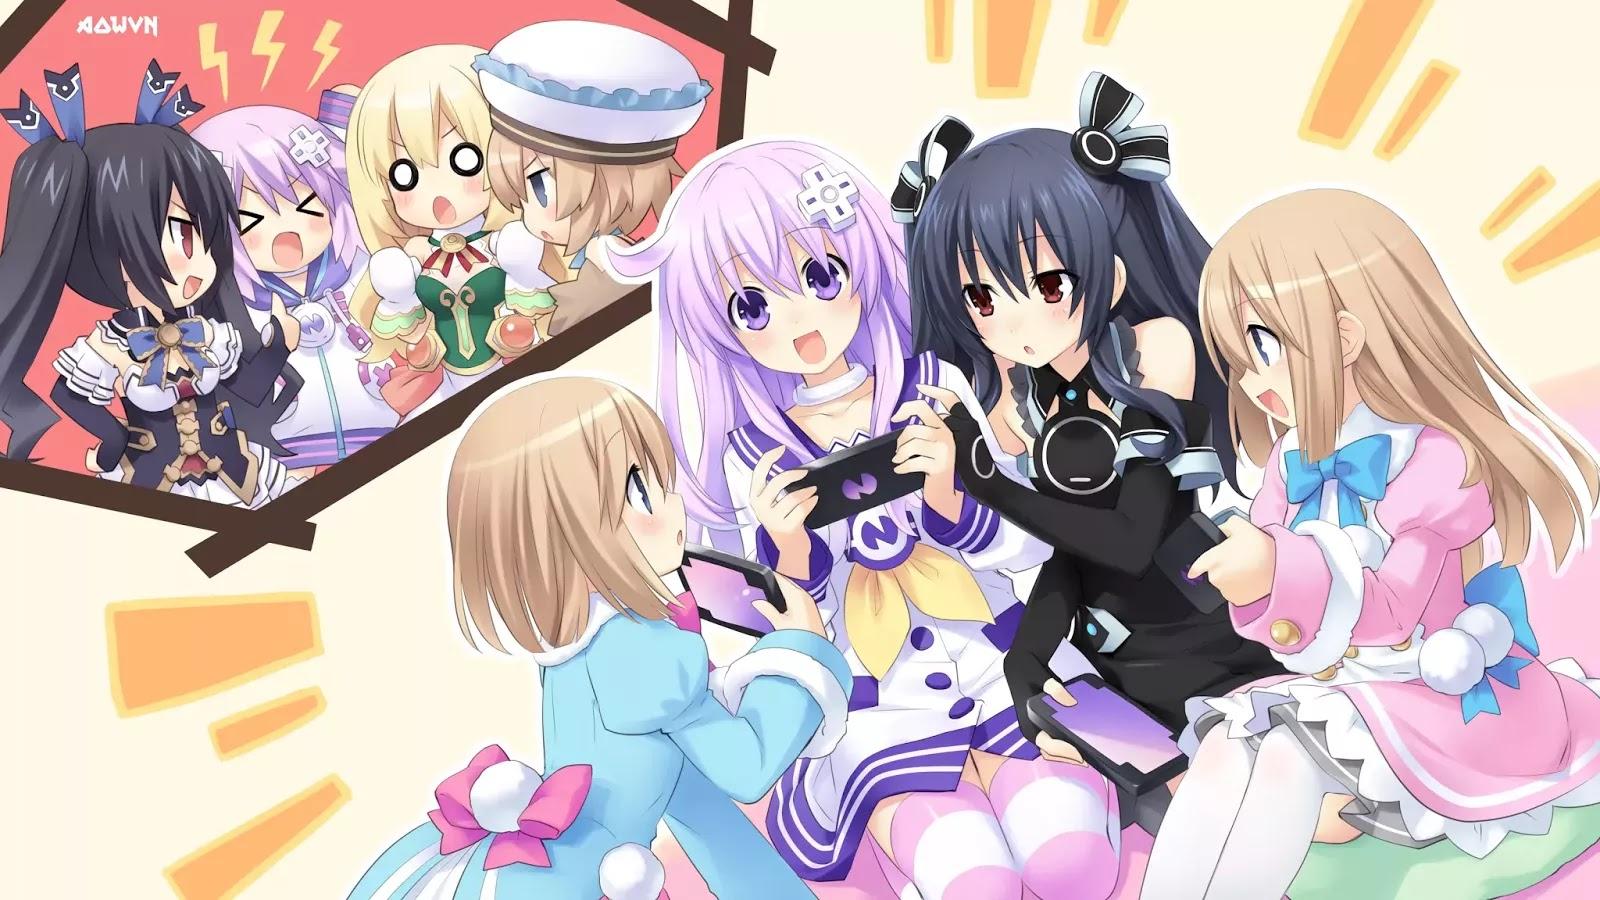 AowVN.org min%2B%252860%2529 - [ Hình Nền ] Game Hyperdimension Neptunia cực đẹp | Anime Wallpapers